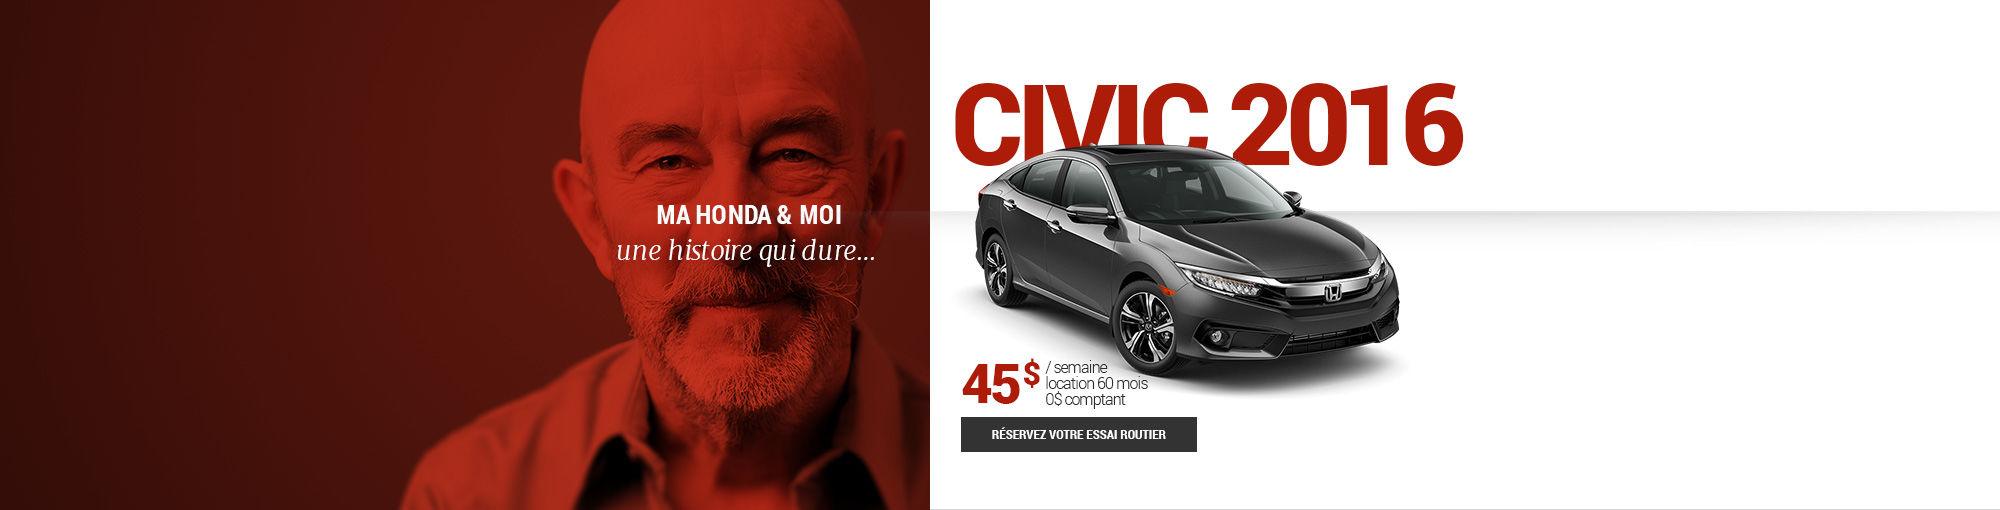 Civic 2016 - octobre 2016